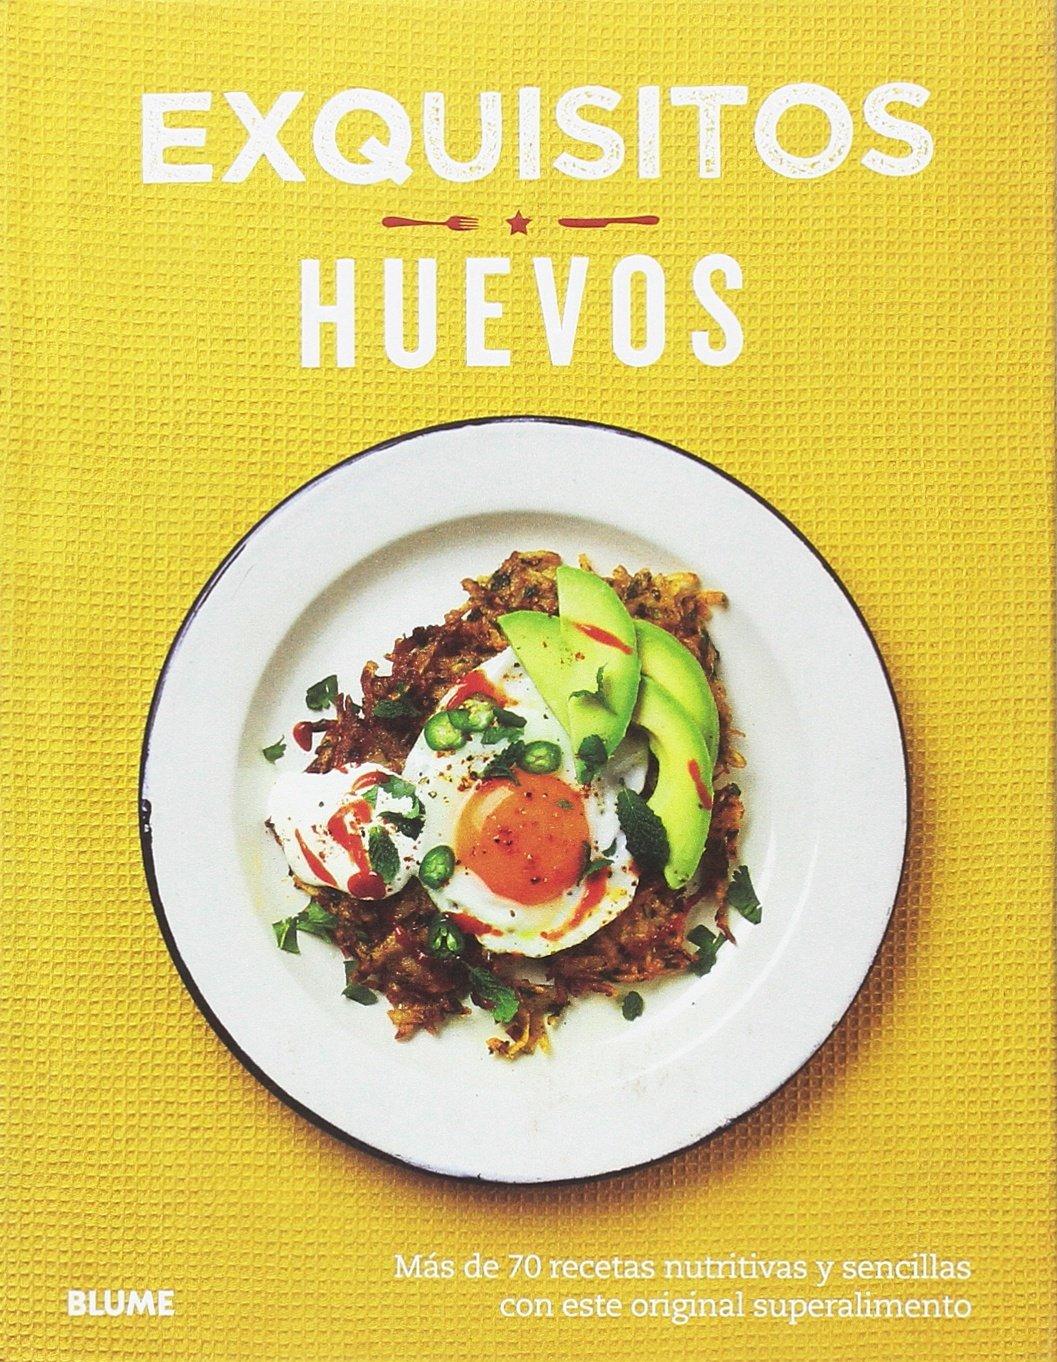 Exquisitos Huevos Más De 70 Recetas Nutritivas Y Sencillas